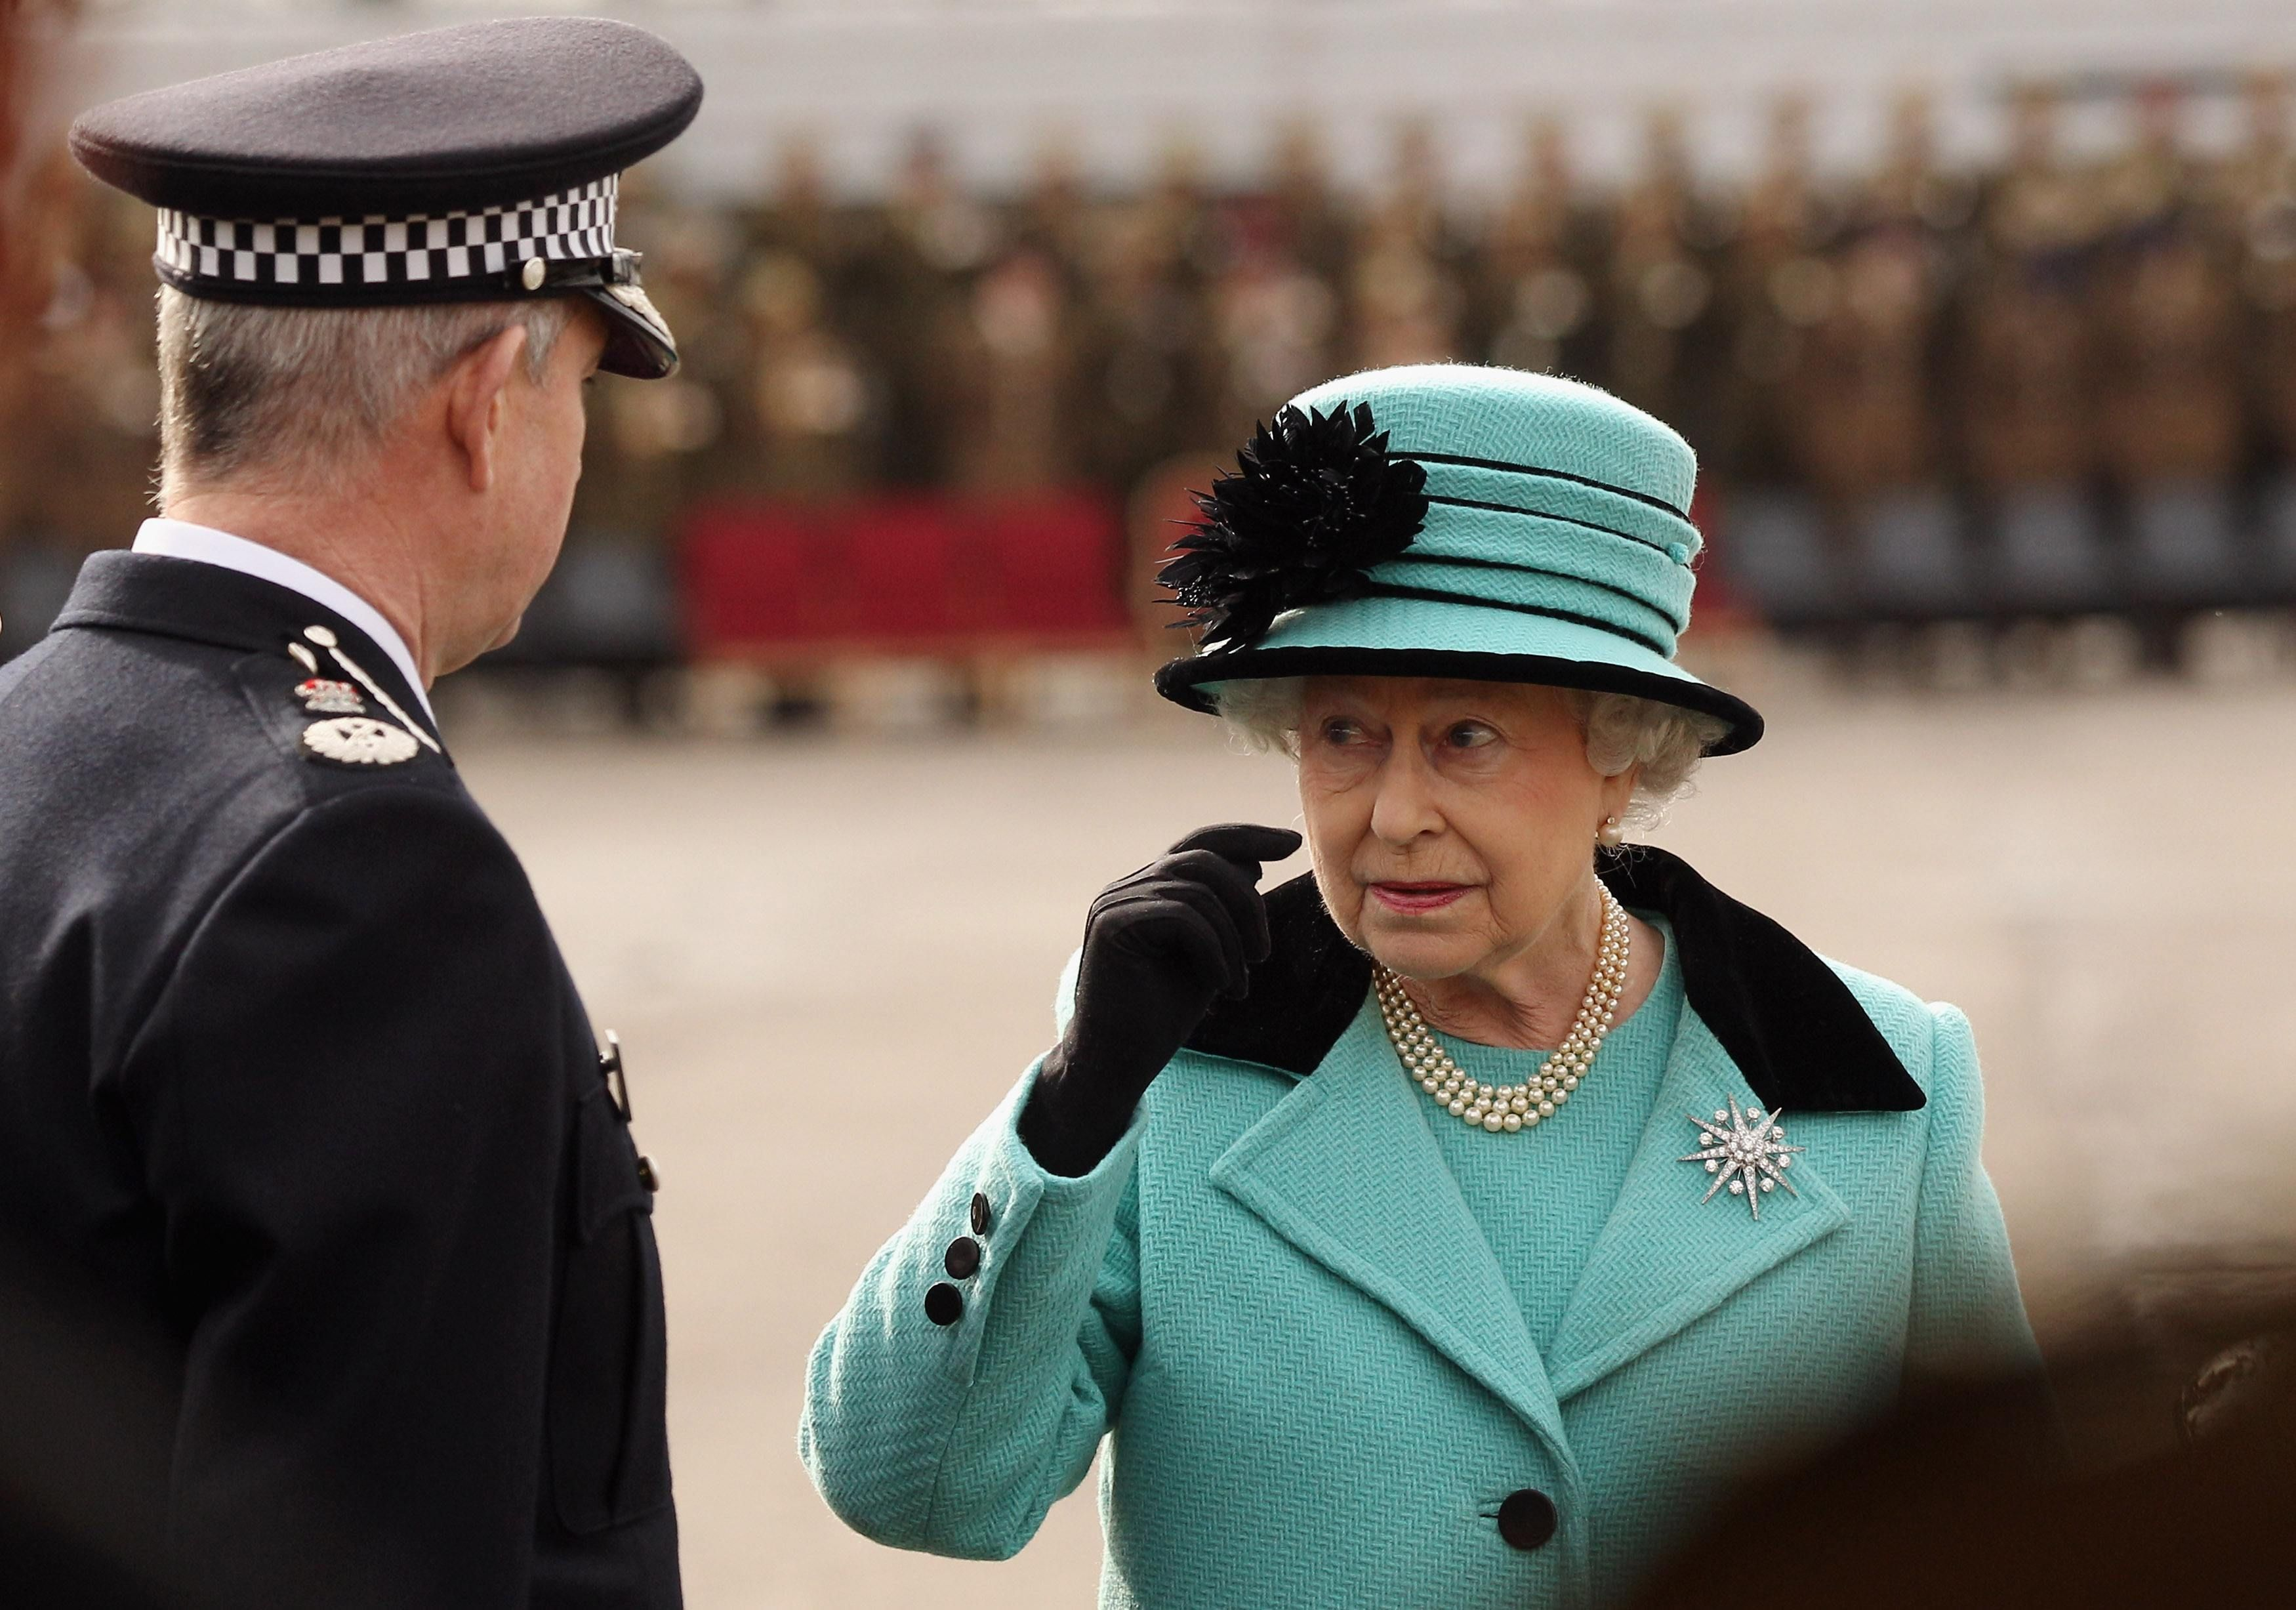 François Hollande doit-il être considéré comme la reine d'Angleterre